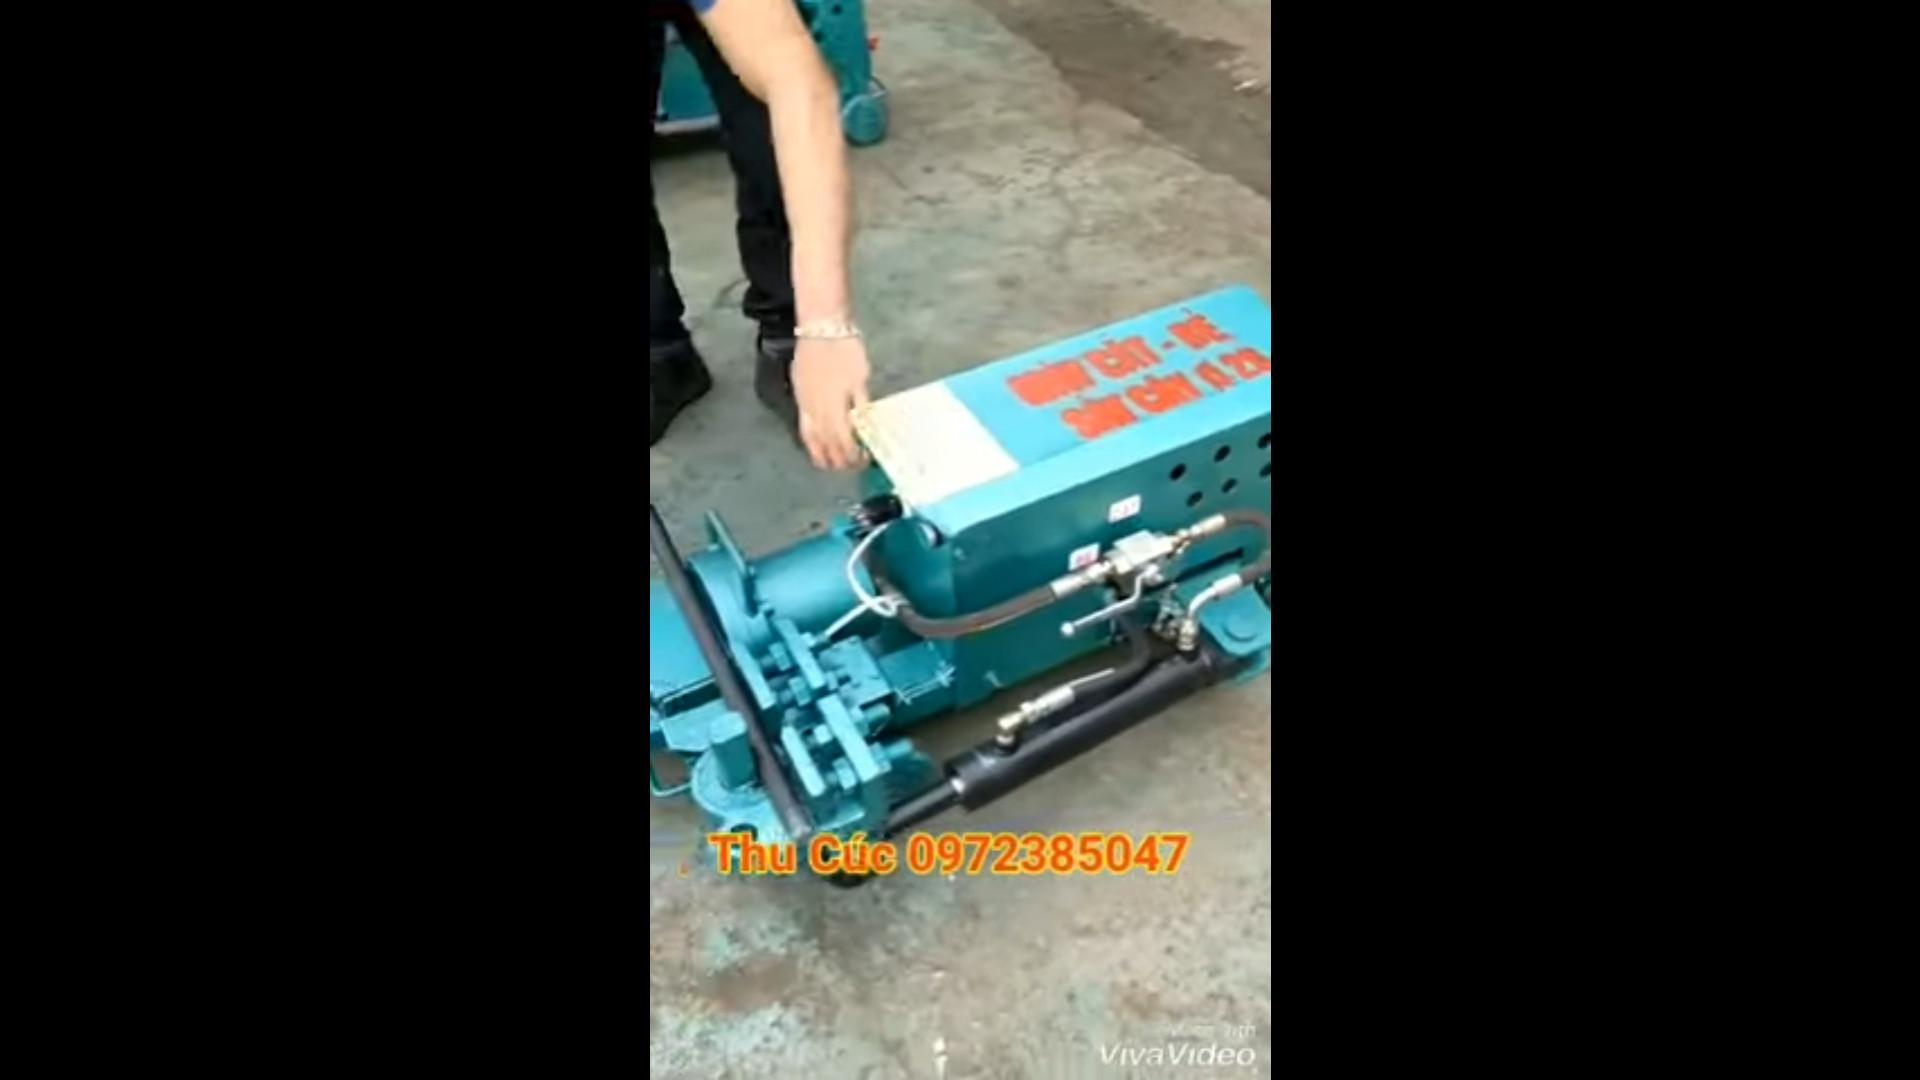 Máy cắt uốn liên hợp thủy lực 2 trong 1 chạy điện 220V hàng Việt Nam